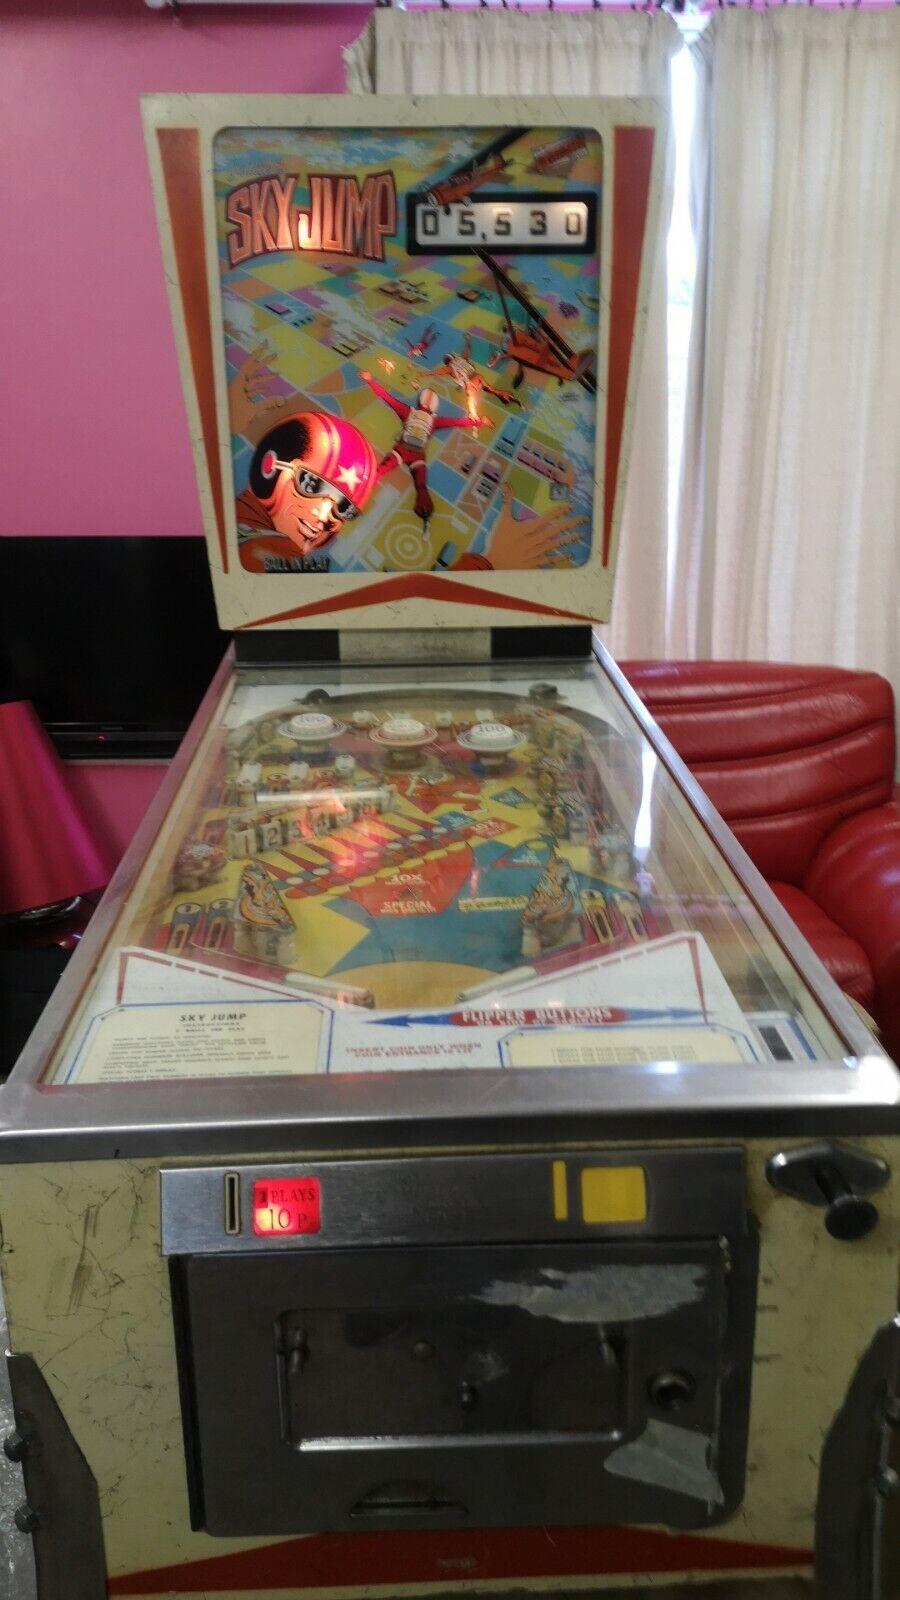 Pinball machine gottlieb's sky jump